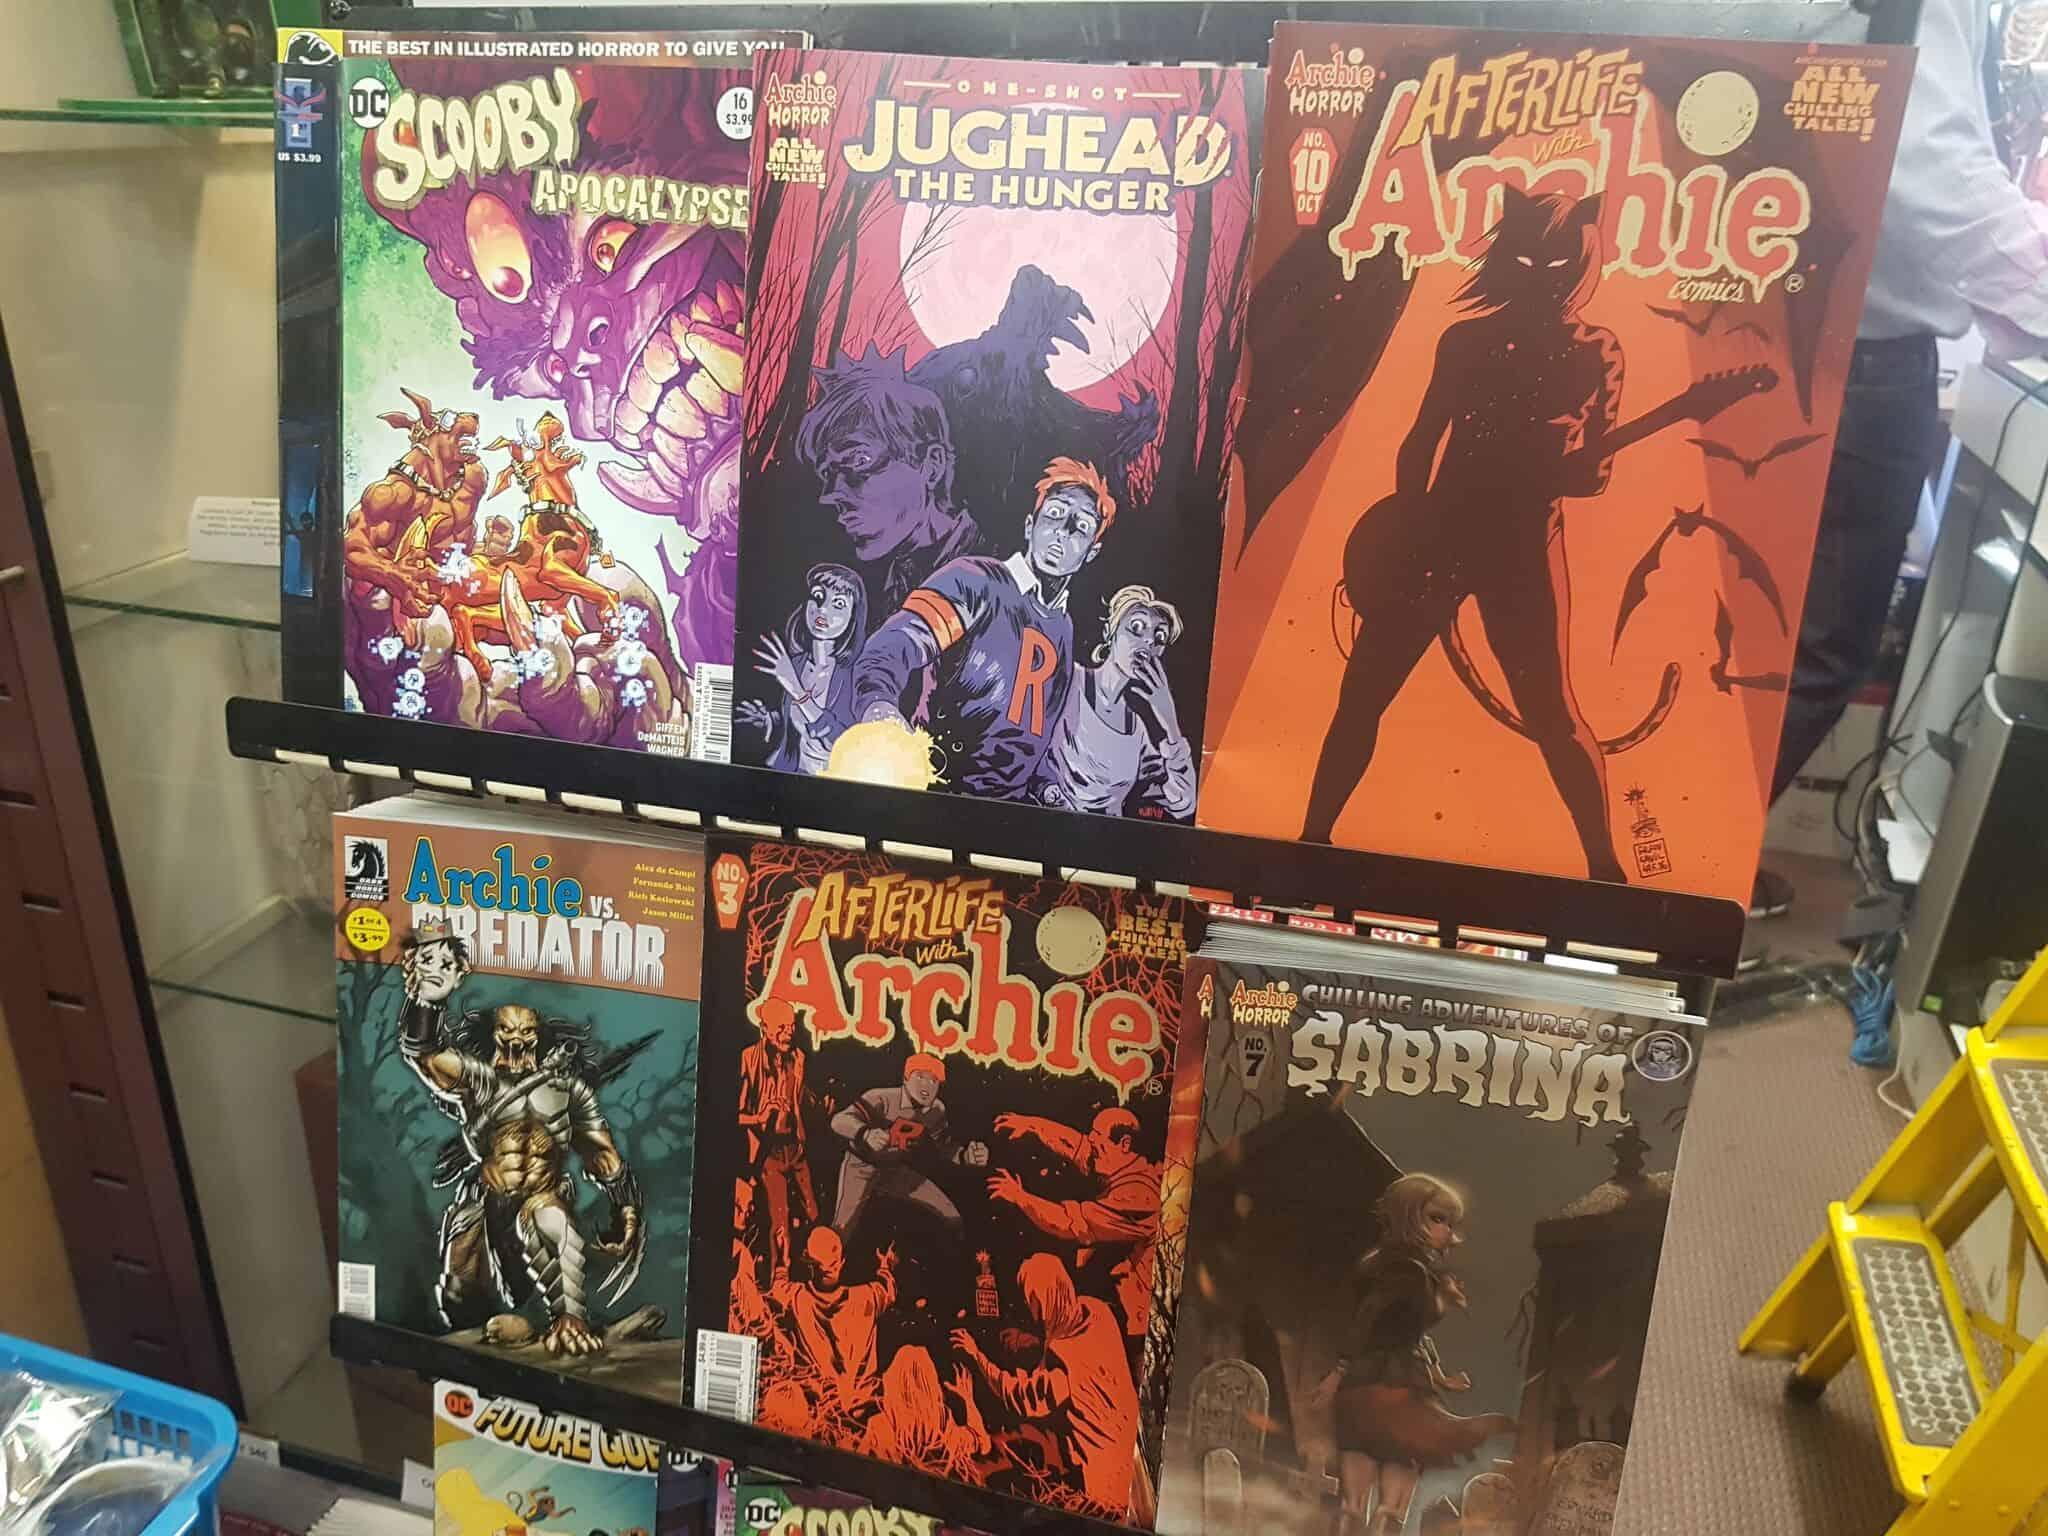 Victoria comic books